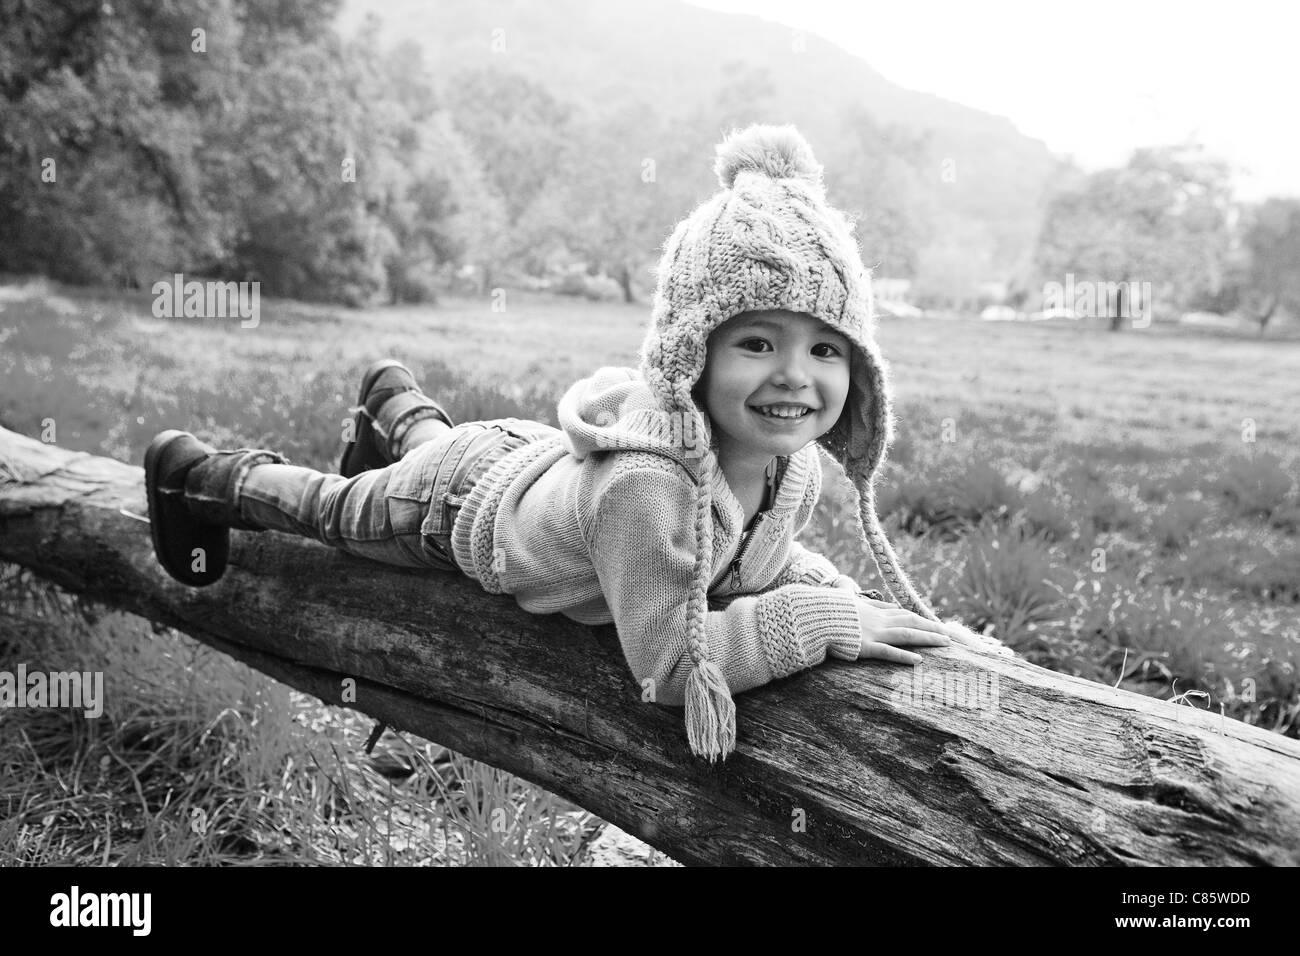 Kleines Mädchen in Zipfelmütze Handauflegen umgestürzten Baum Stockbild